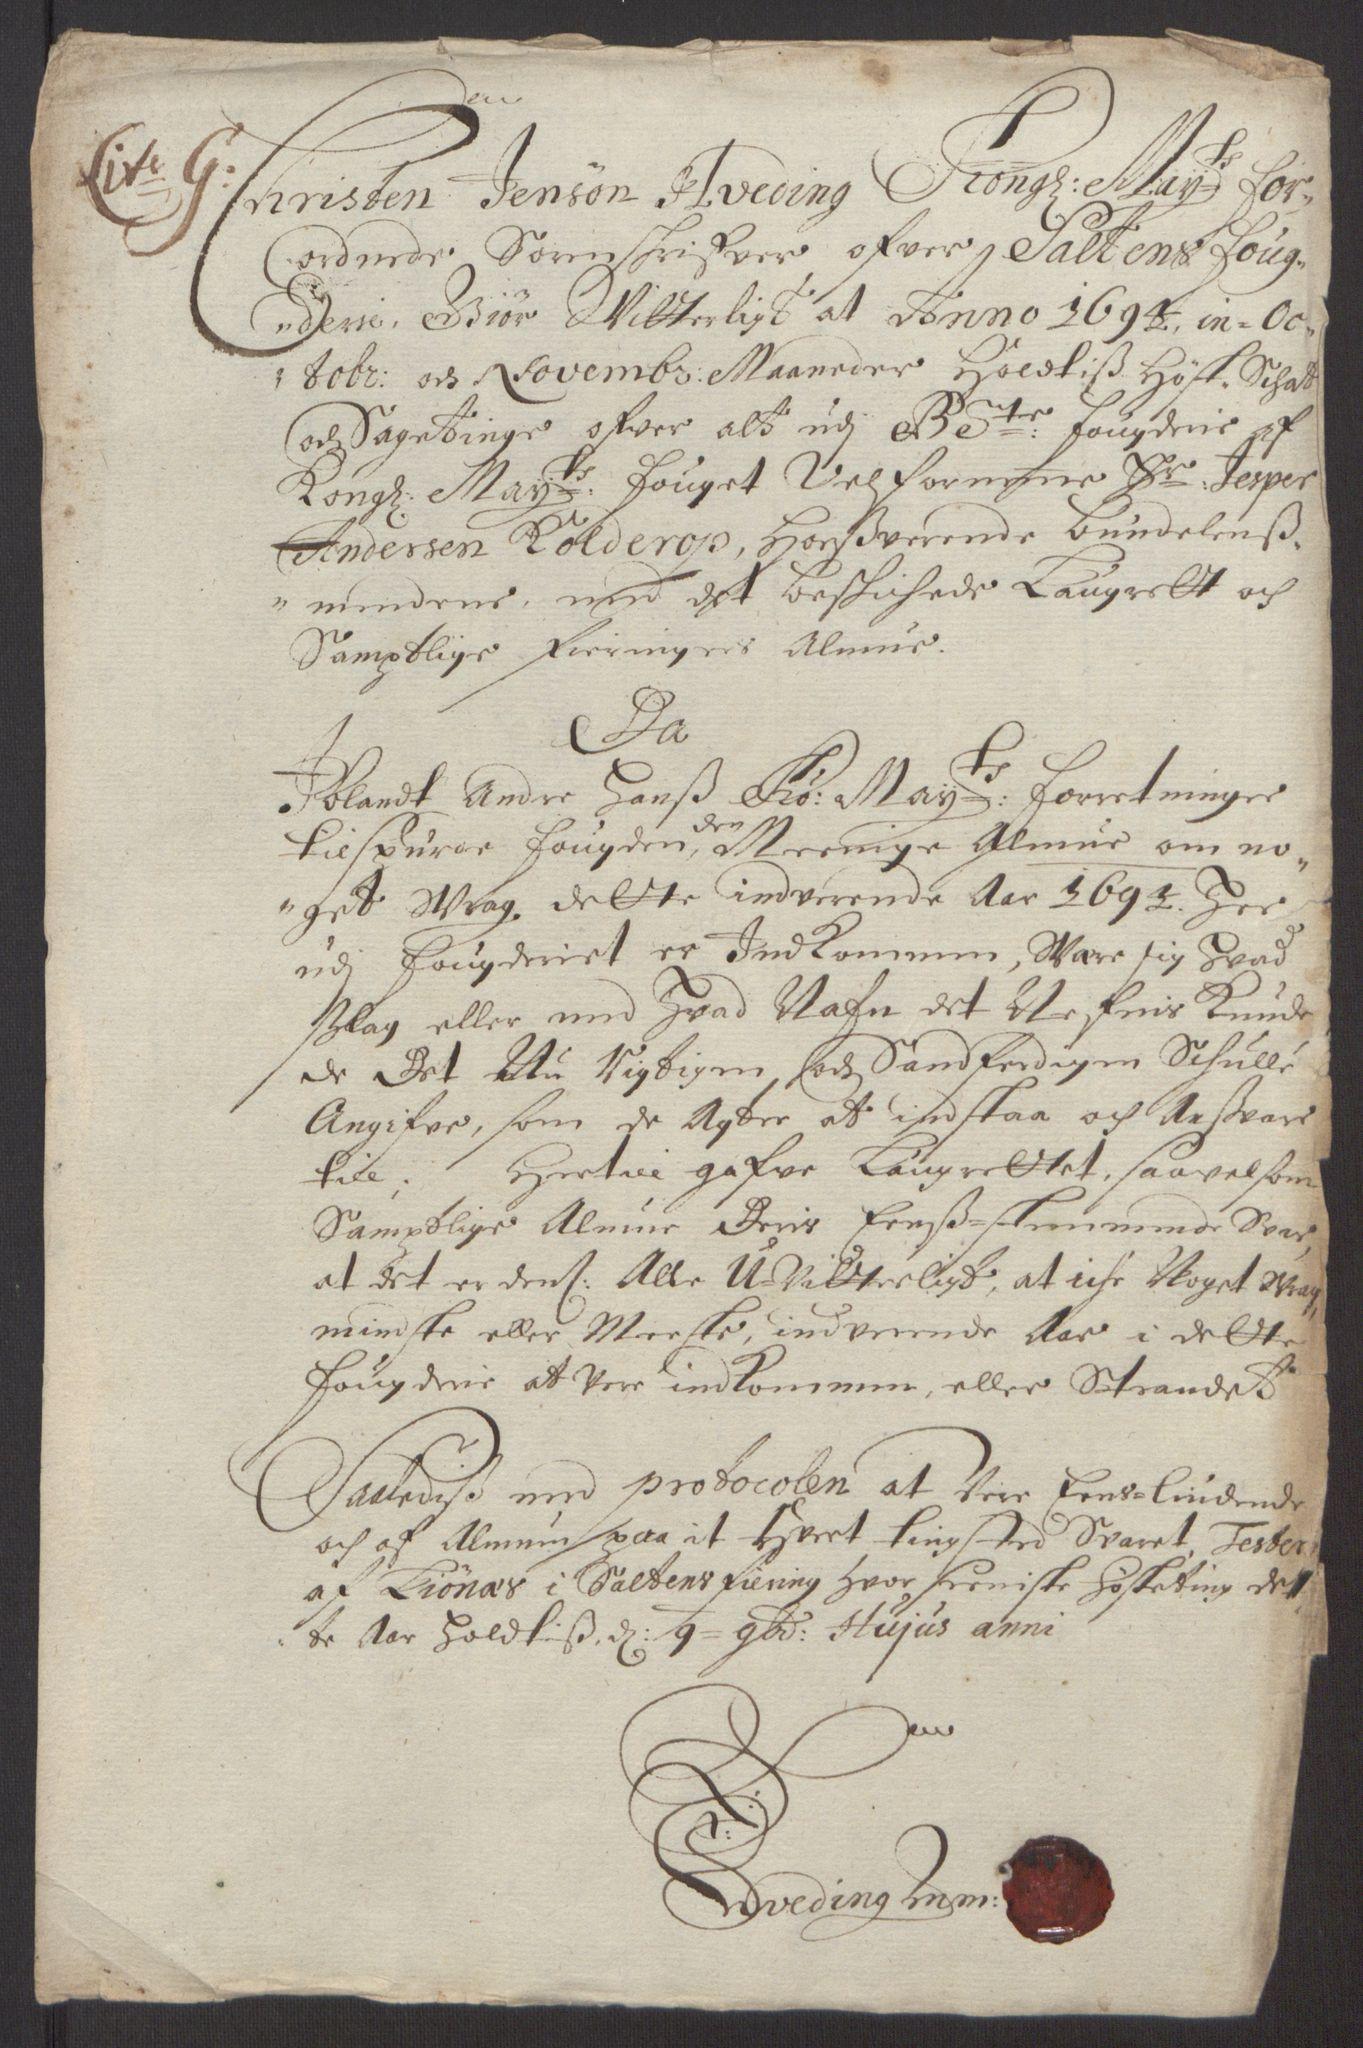 RA, Rentekammeret inntil 1814, Reviderte regnskaper, Fogderegnskap, R66/L4578: Fogderegnskap Salten, 1694-1696, s. 83